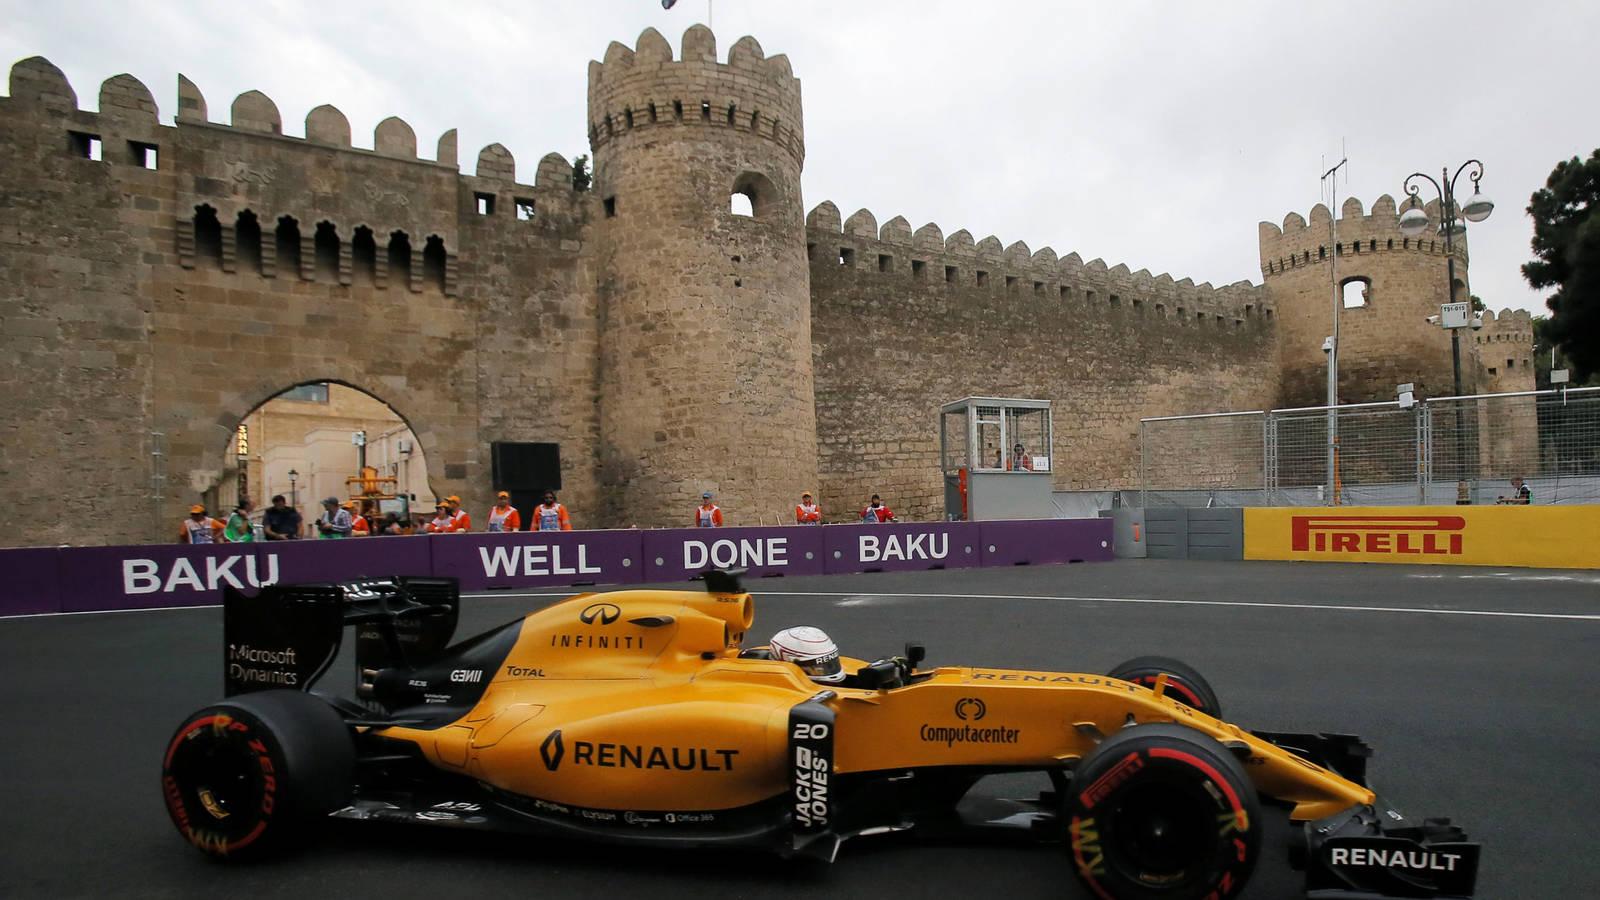 Fórmula 1: resumen del gran premio de Bakú